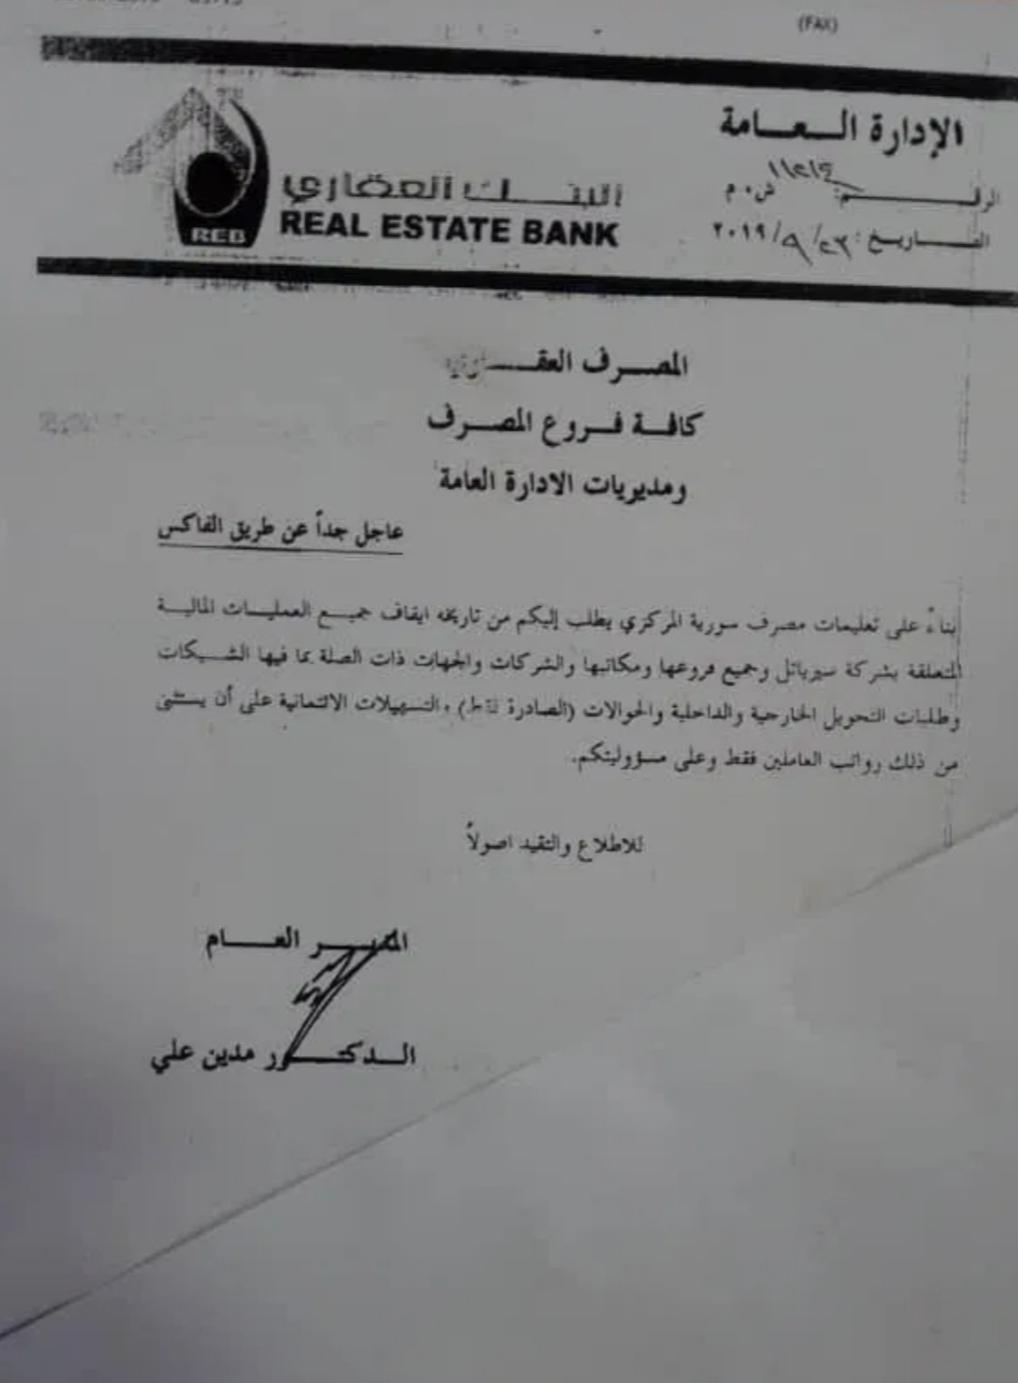 """وثيقة مسرّبة تكشف مؤامرة جديدة ضد رجل الأعمال السوري """"رامي مخلوف"""""""